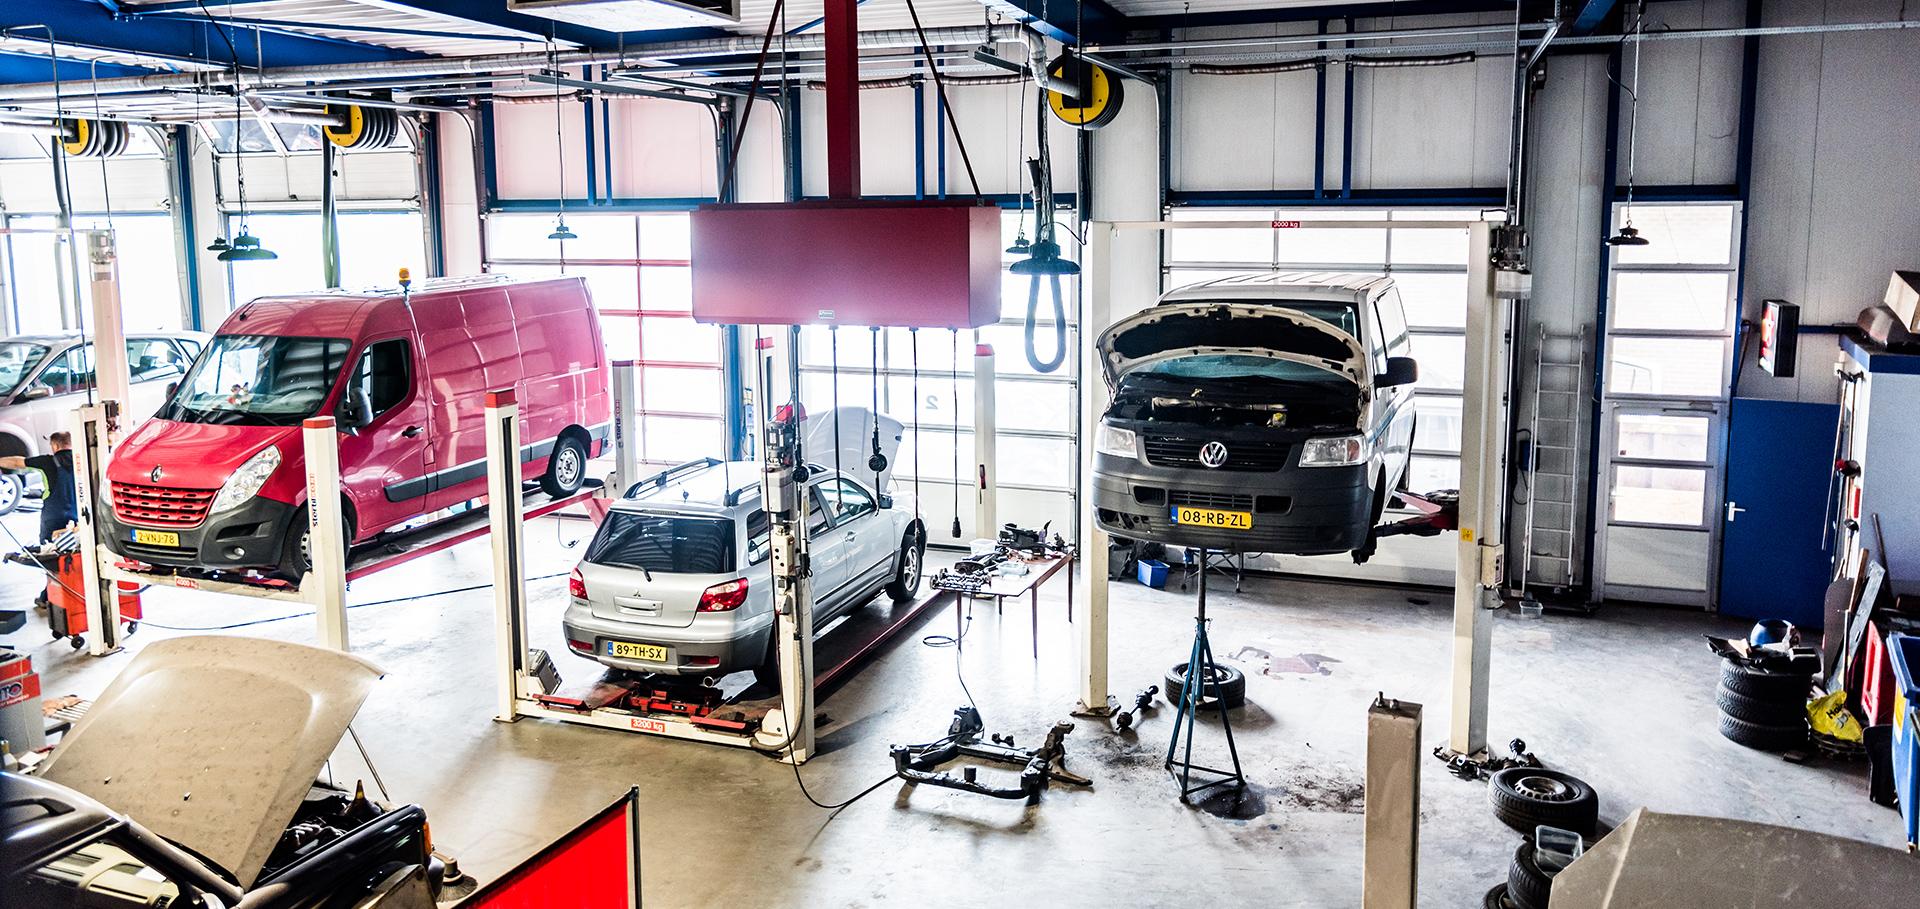 Werkplaats Autobedrijf Vos Voorst